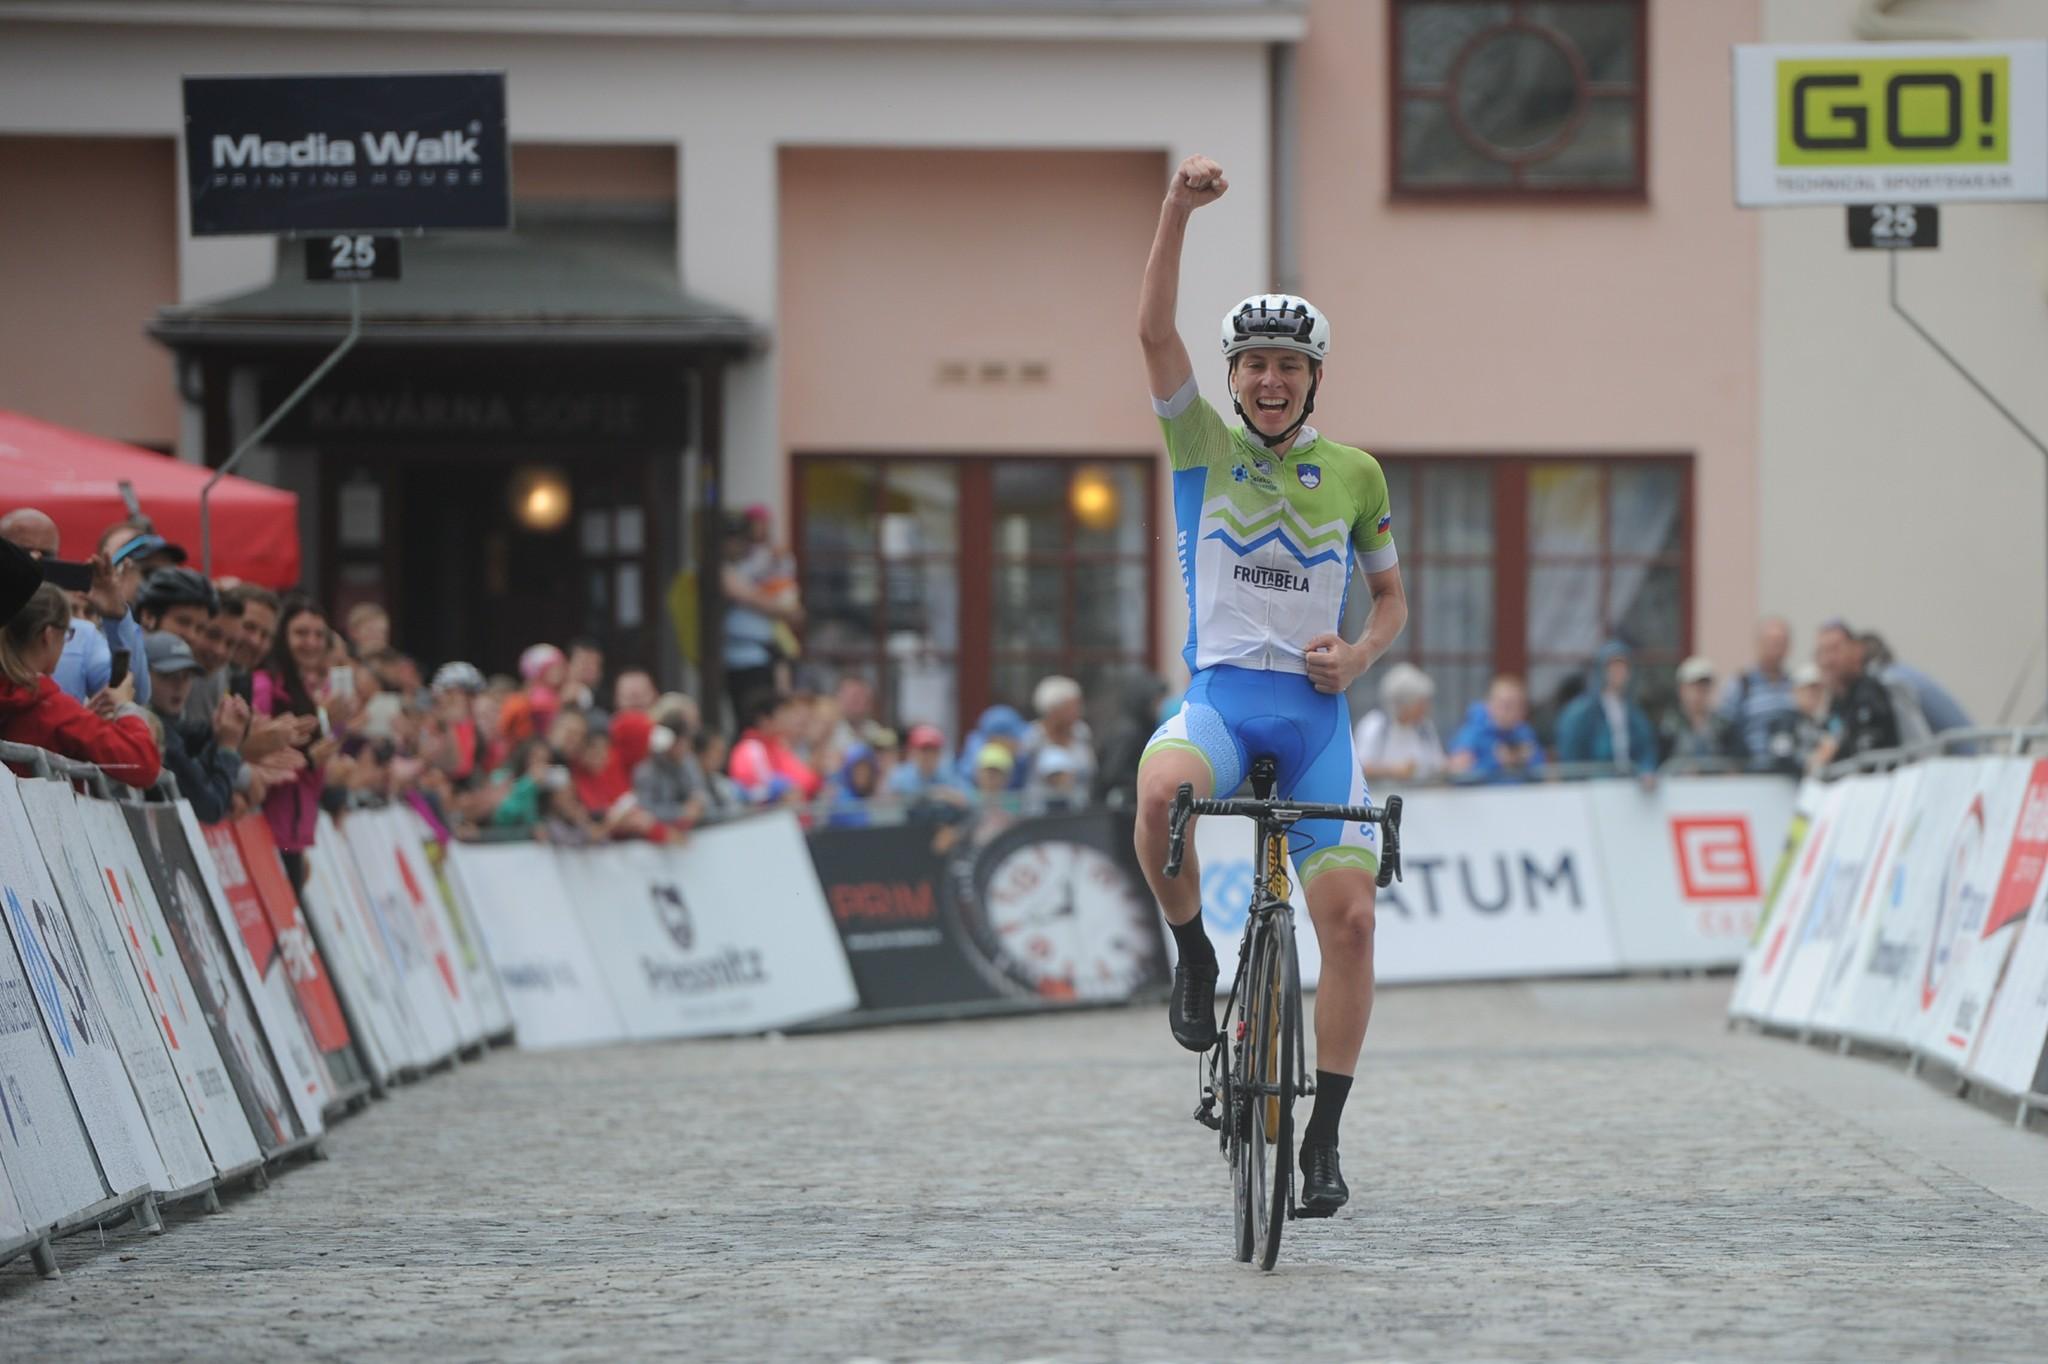 Pogacar vince l'ultima tappa e la classifica finale del Grand Prix Priessnitz spa 2018